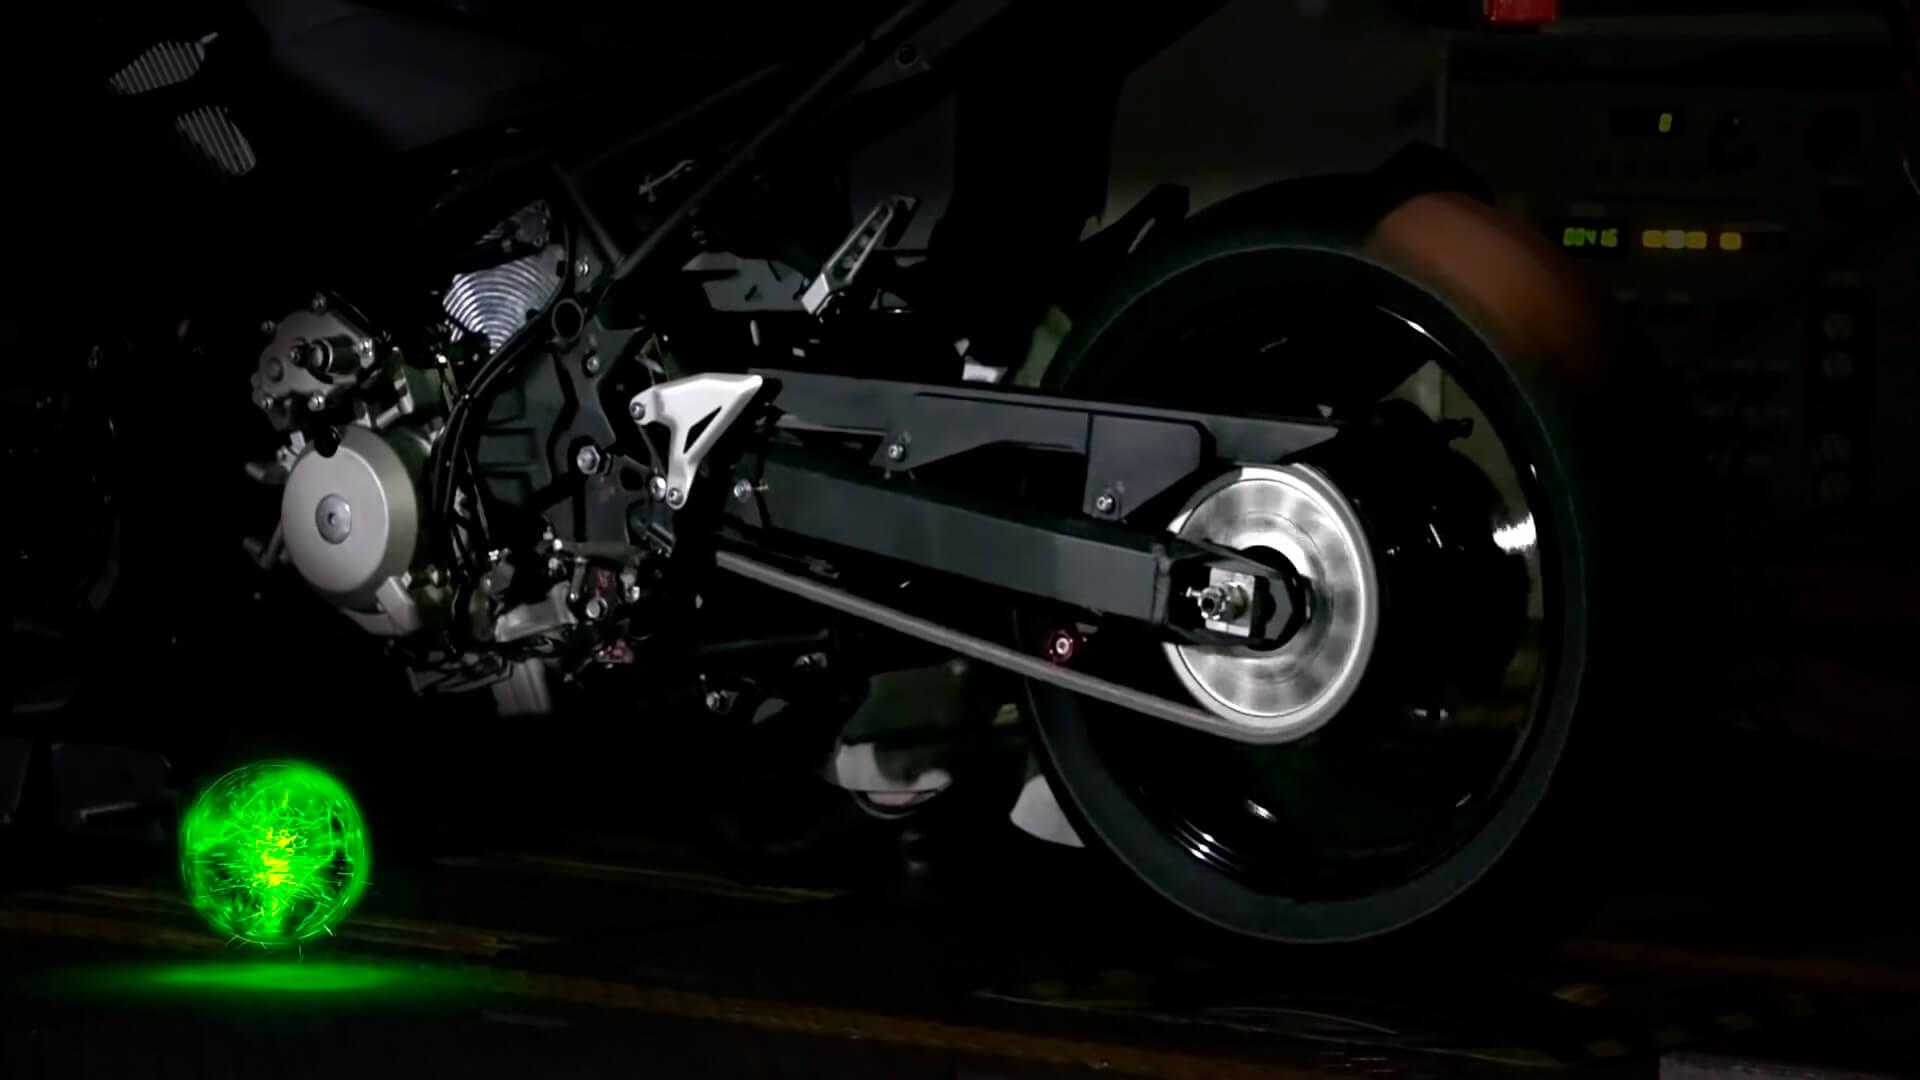 Kawasaki продемонстрировал свое видение гибридного мотоцикла вместе срабочим прототипом надинамометрическом стенде